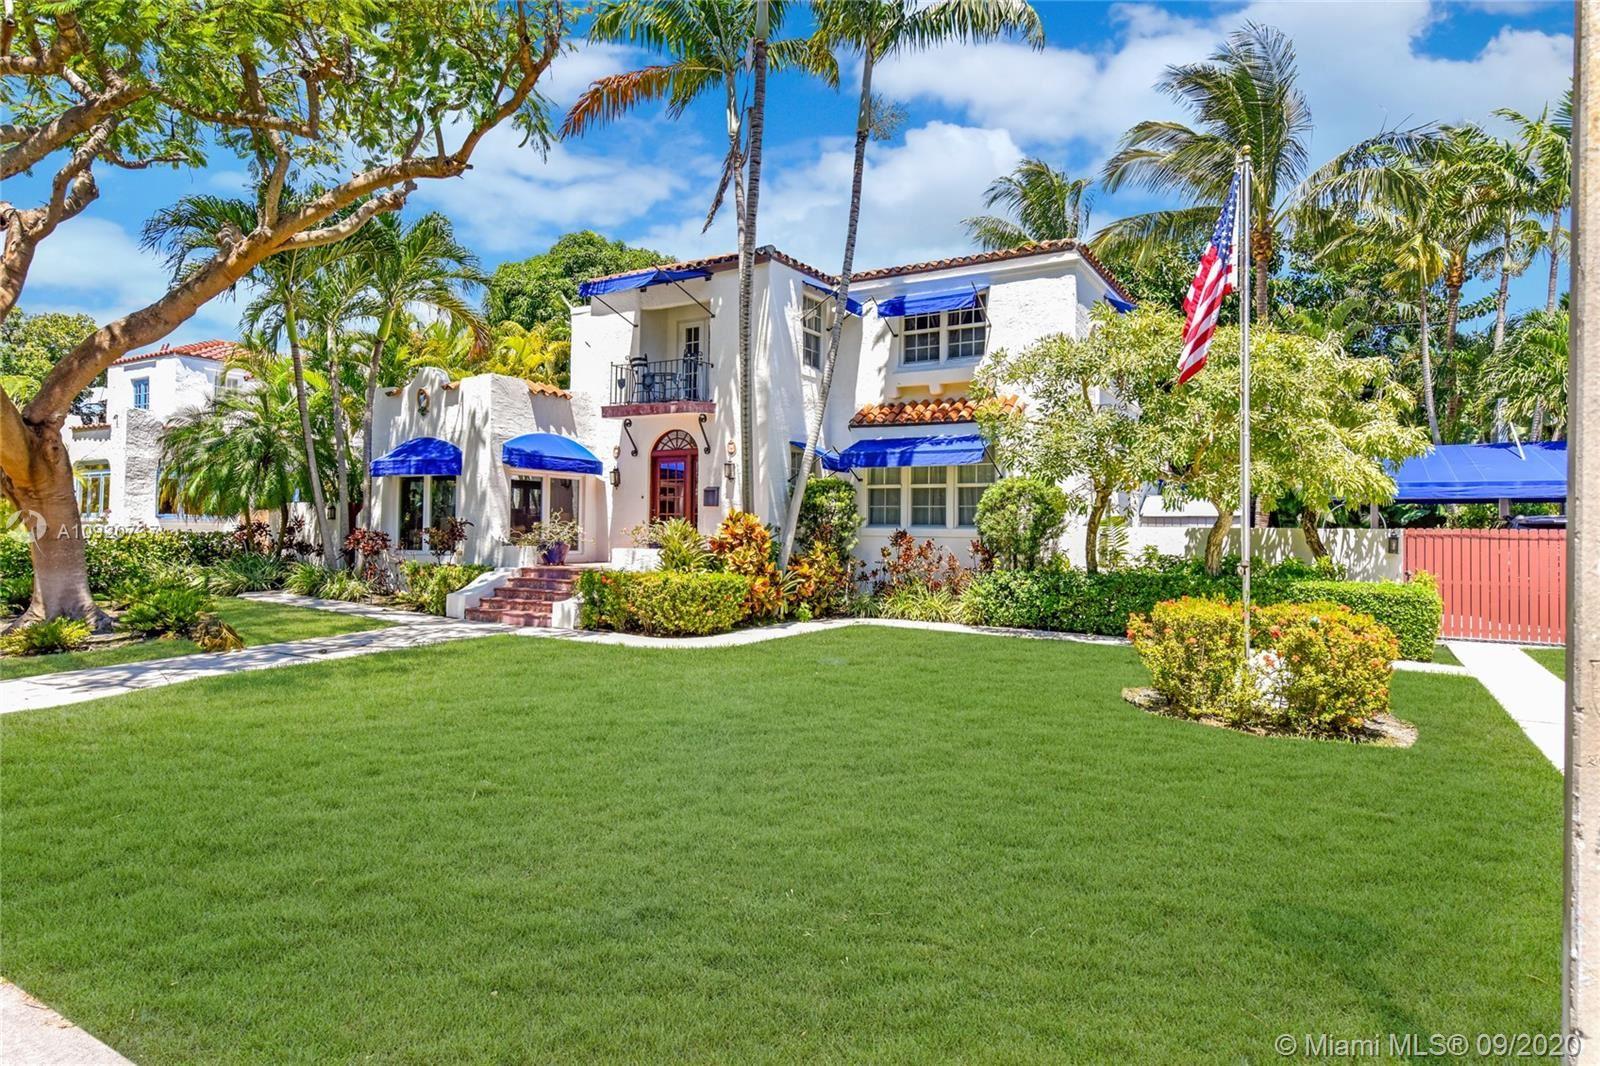 801 NE 72nd St, Miami, FL 33138 - #: A10920737